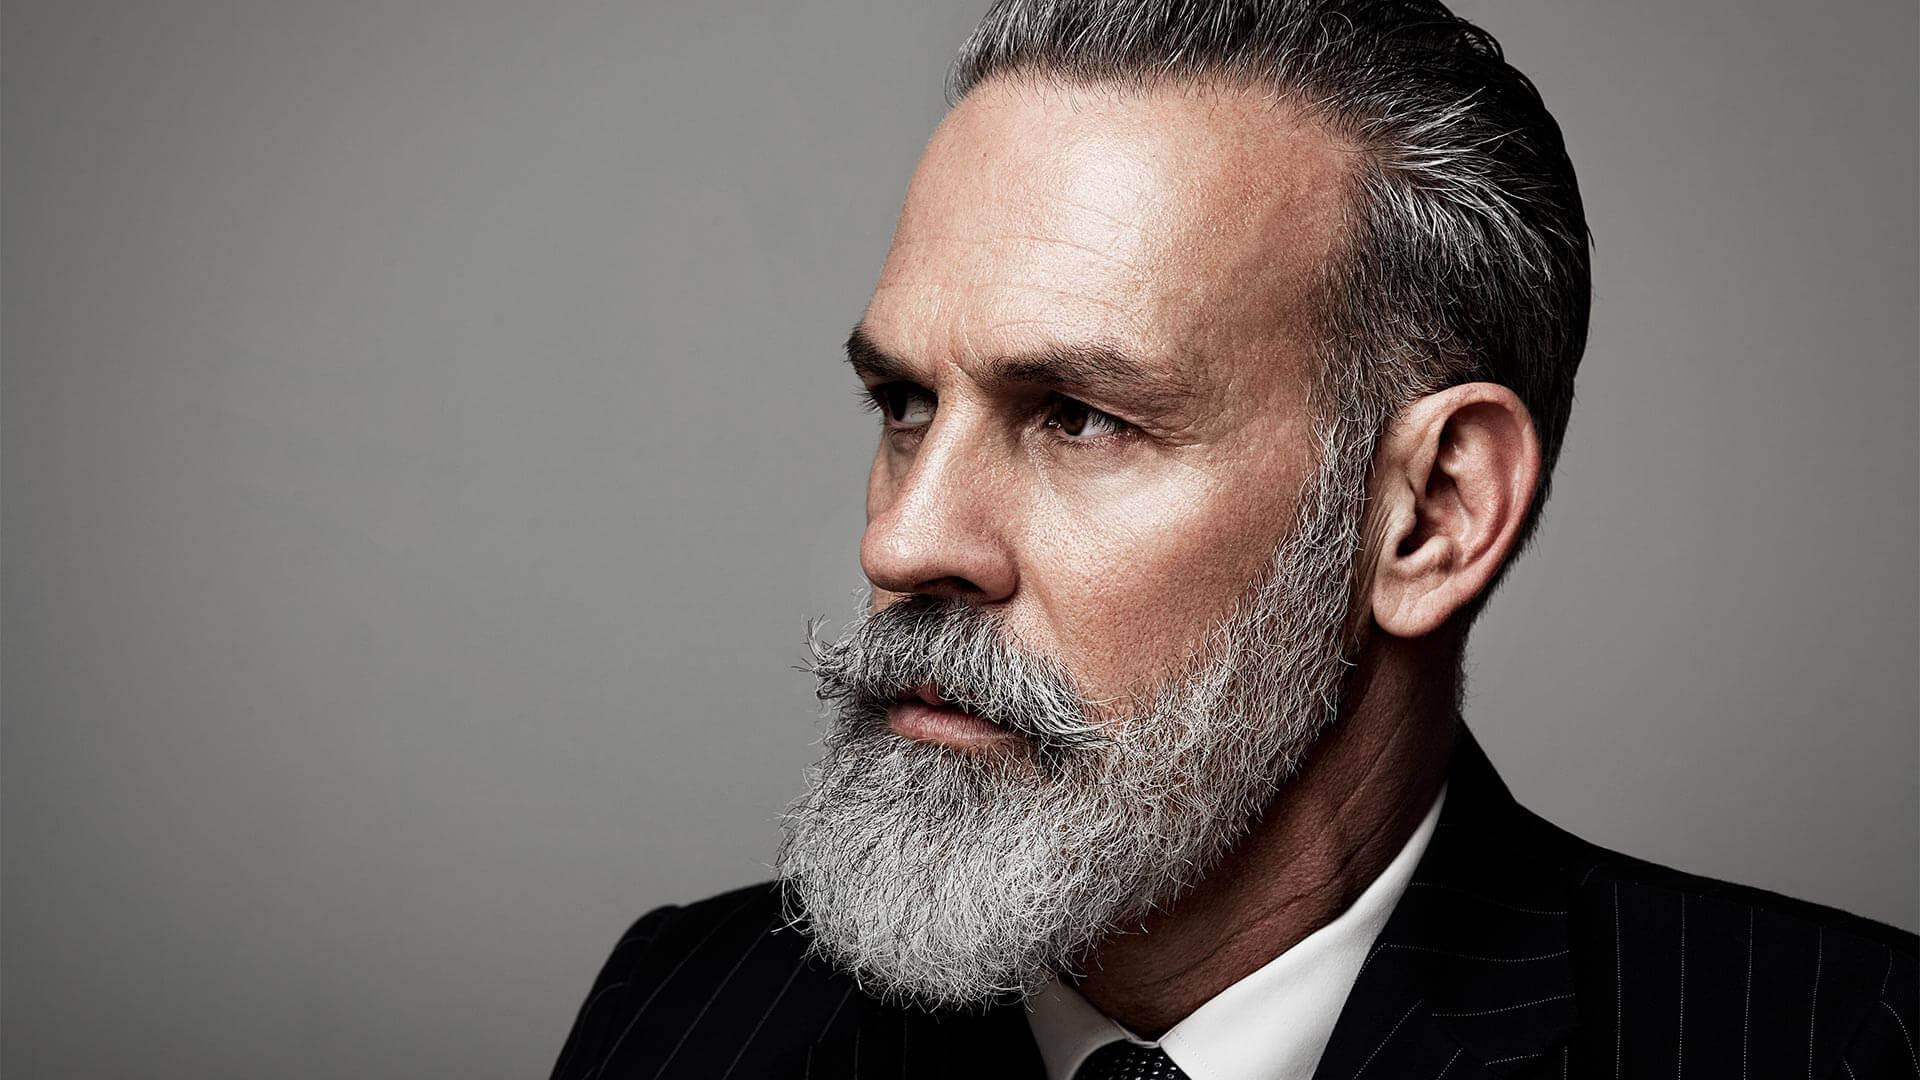 BeardifulMan Beard Care Products